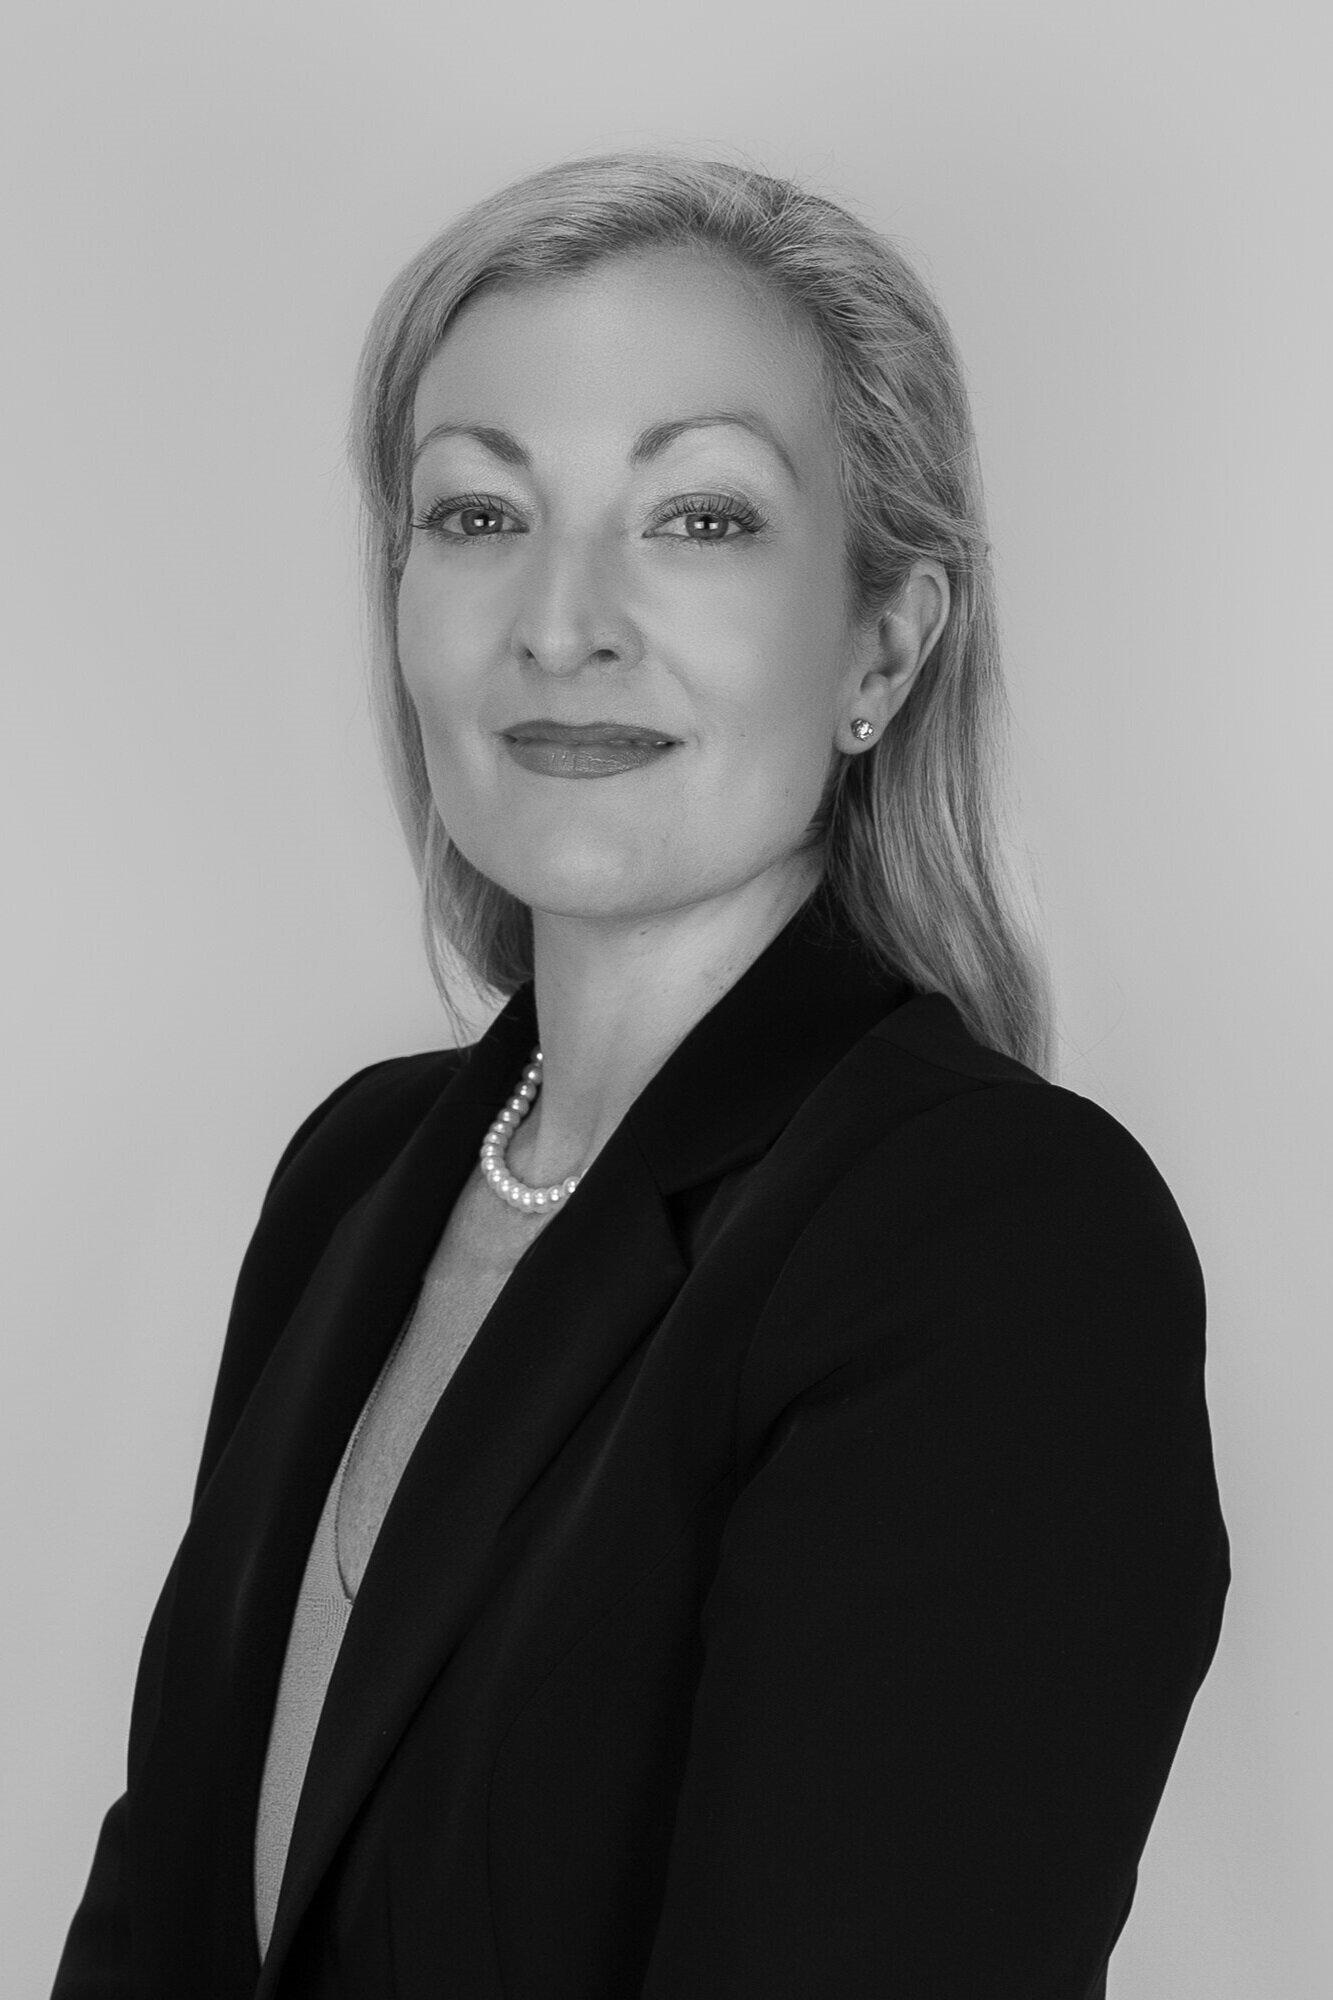 Lisa Jemmeson, Senior Associate